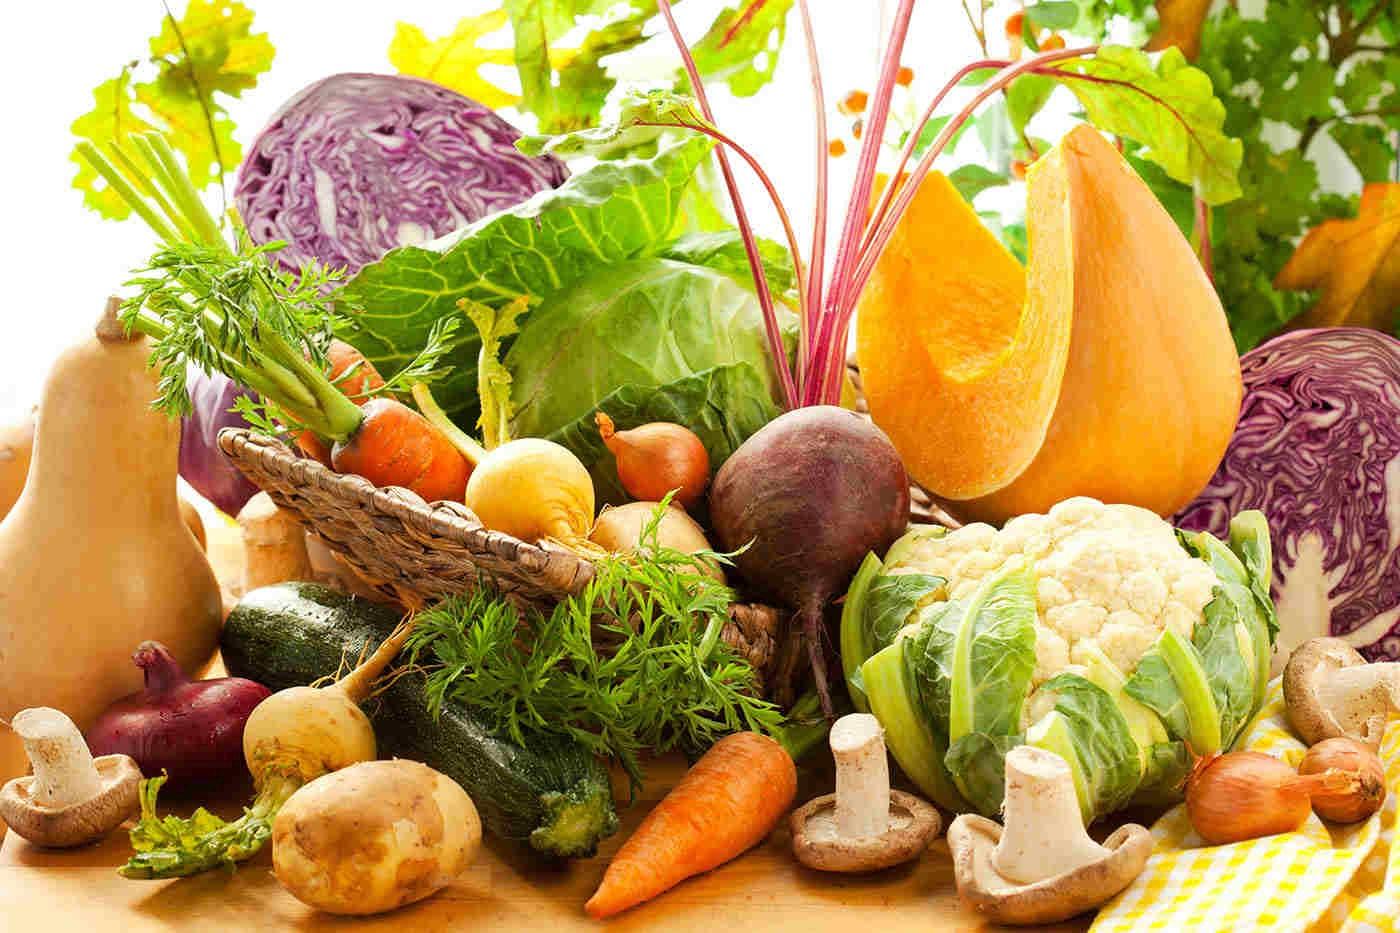 Ce să incluzi în dieta de toamnă pentru sănătate și vitalitate